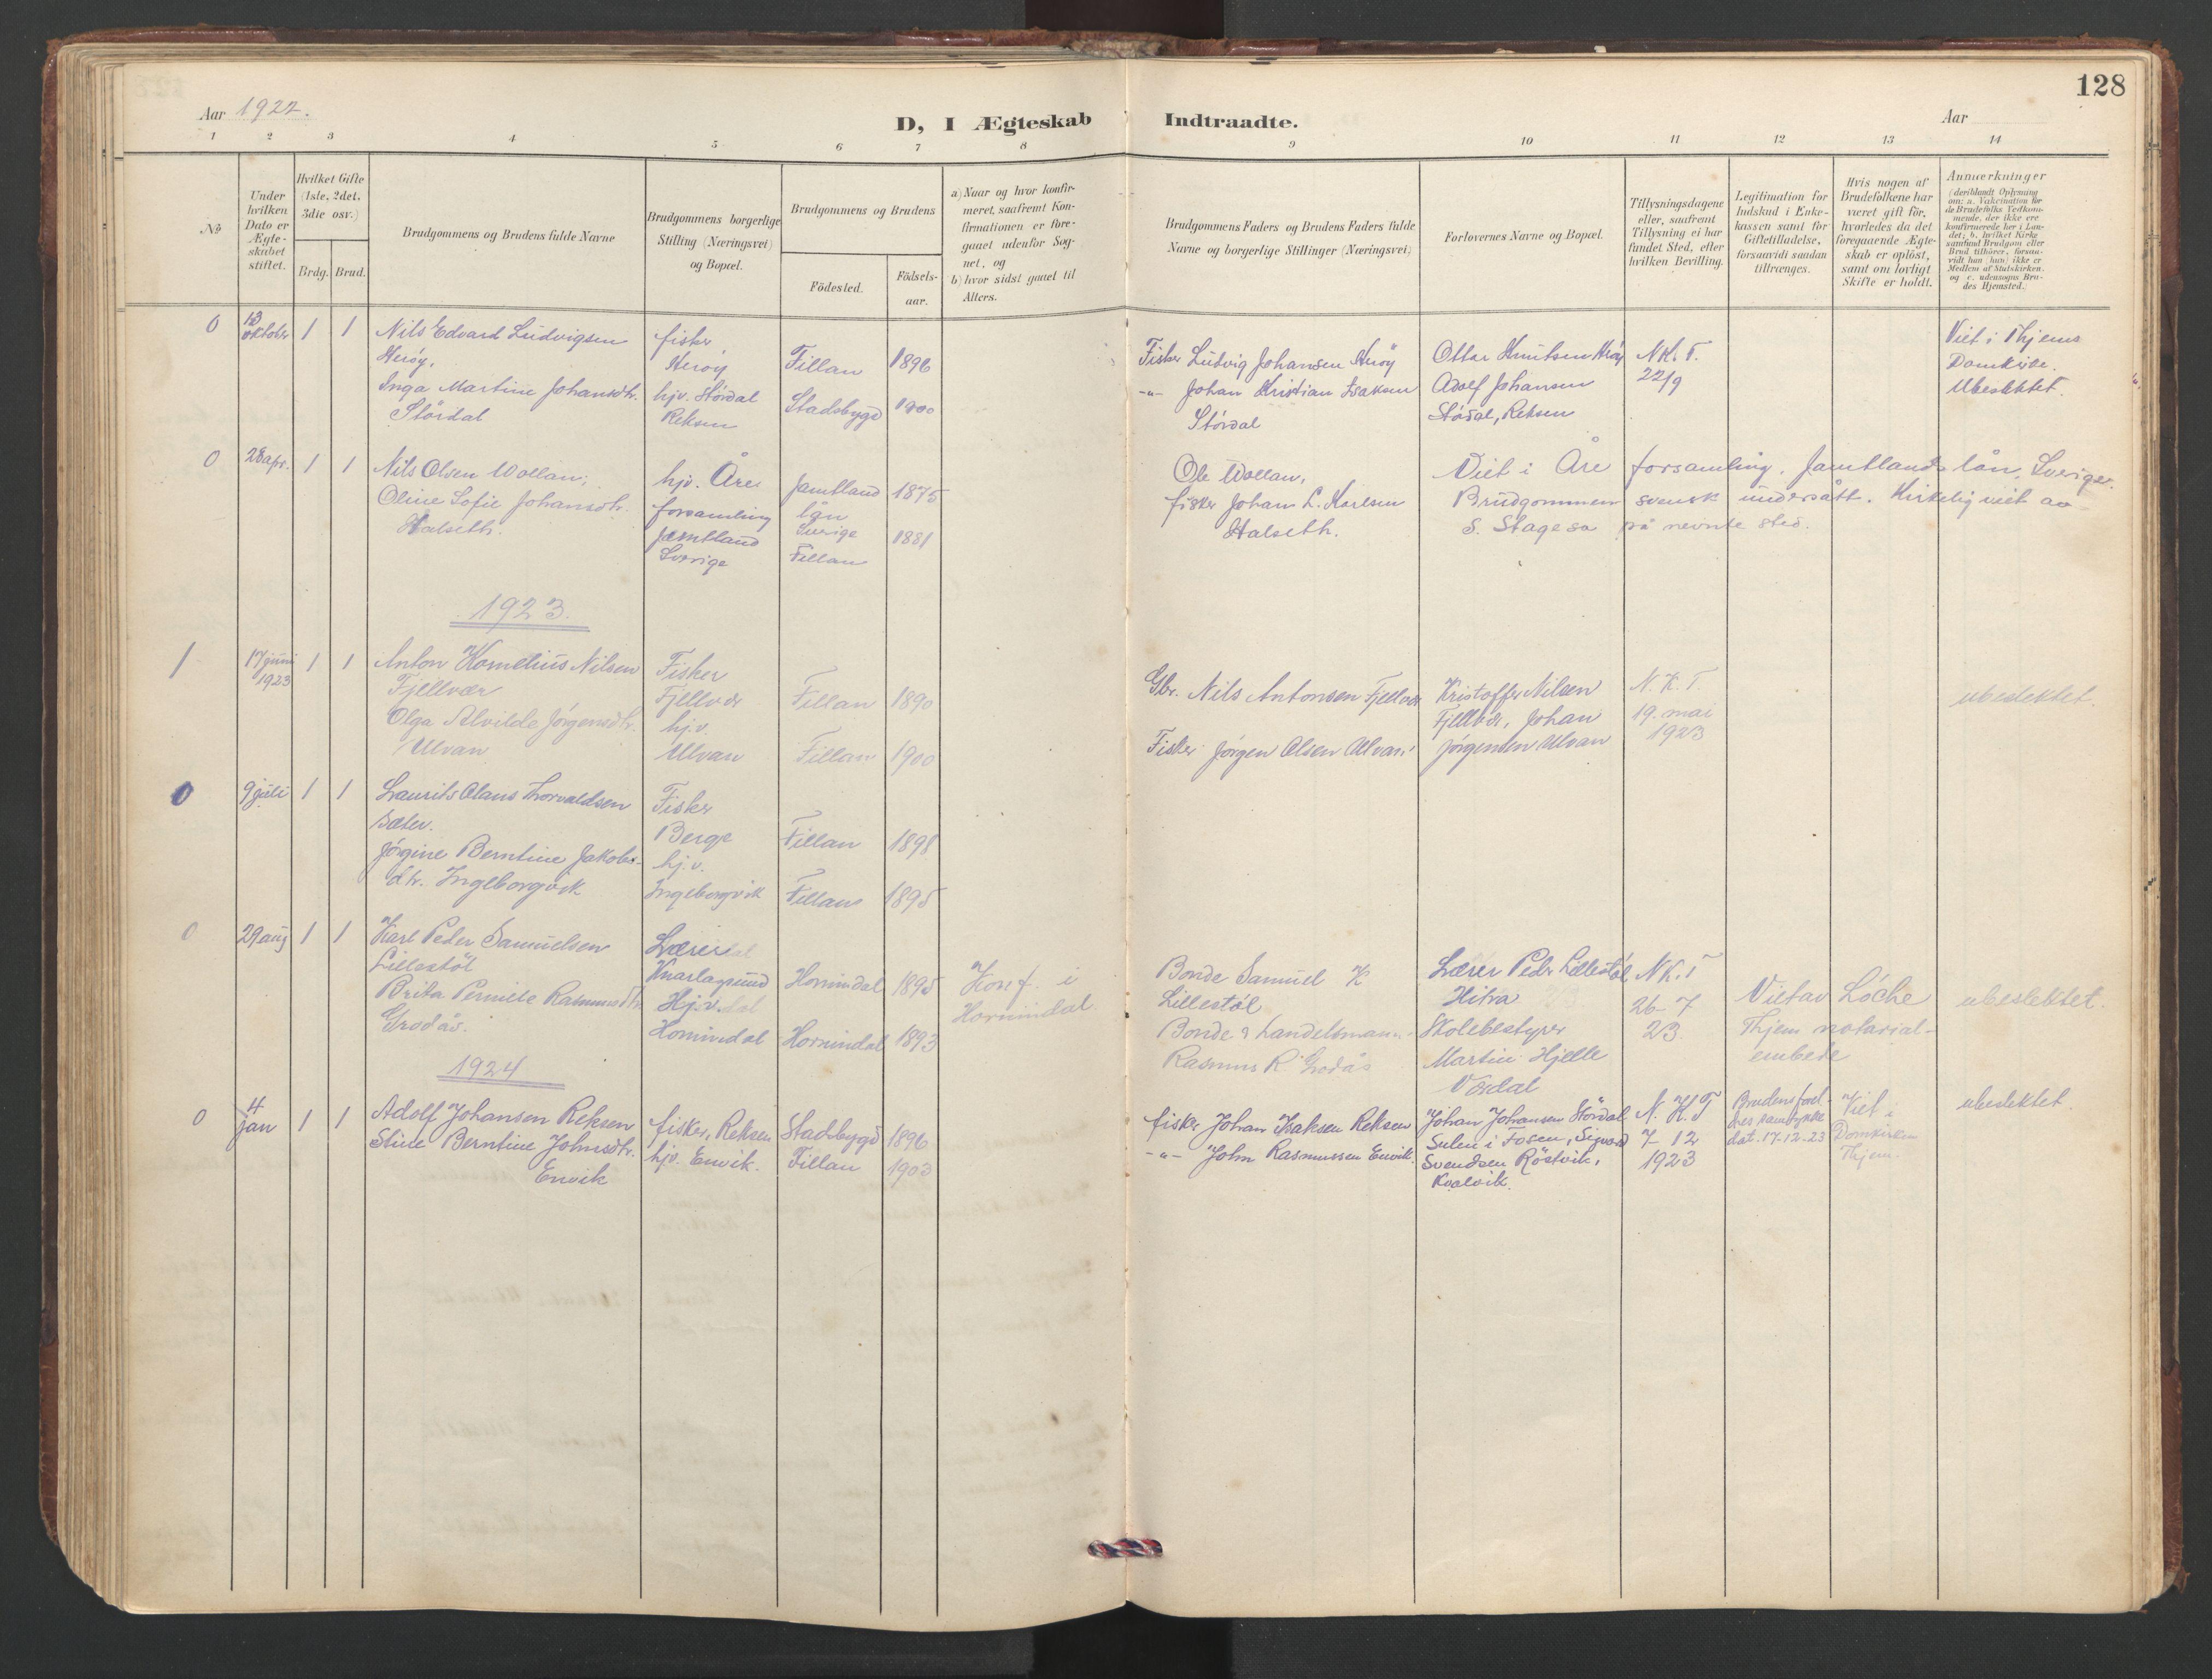 SAT, Ministerialprotokoller, klokkerbøker og fødselsregistre - Sør-Trøndelag, 638/L0571: Klokkerbok nr. 638C03, 1901-1930, s. 128